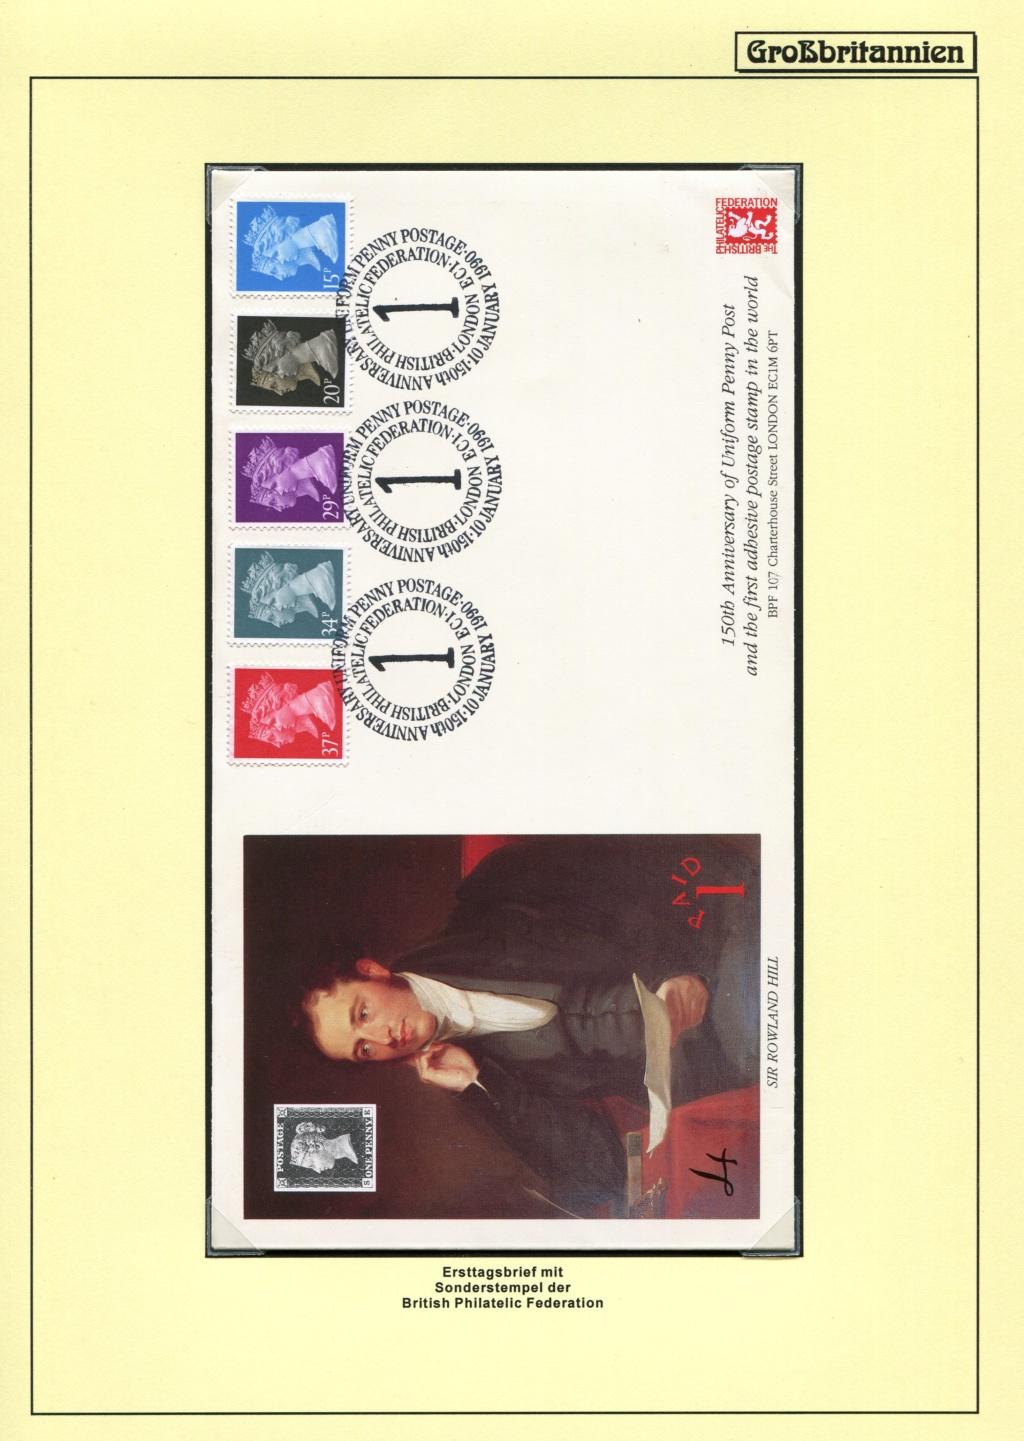 Großbritannien - 150 Jahre Briefmarken Black_17